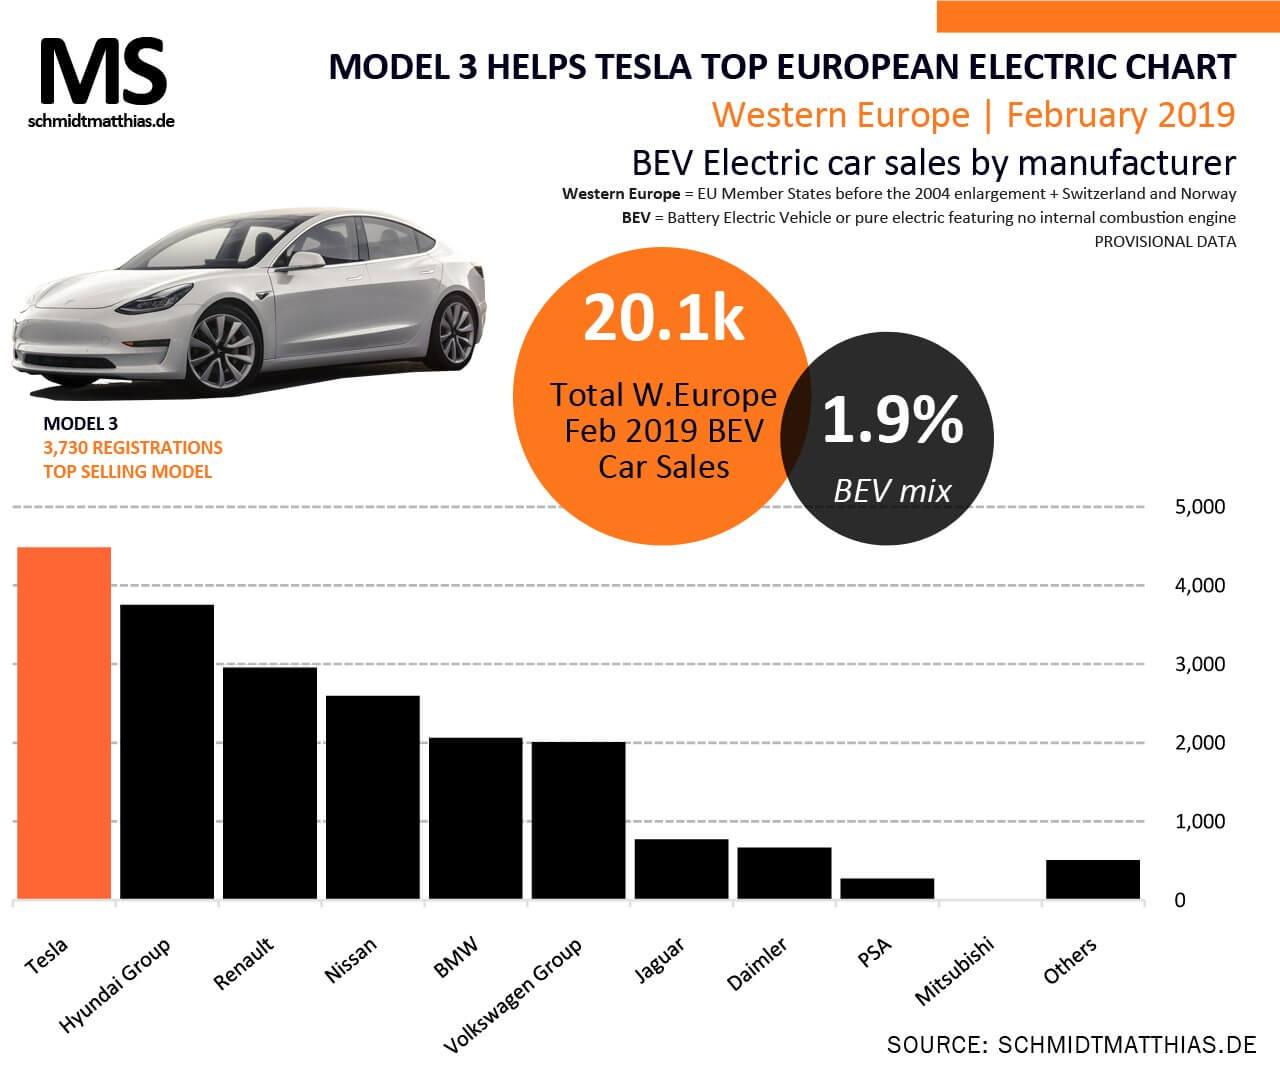 Продажи электромобилей в Европе в феврале 2019 года